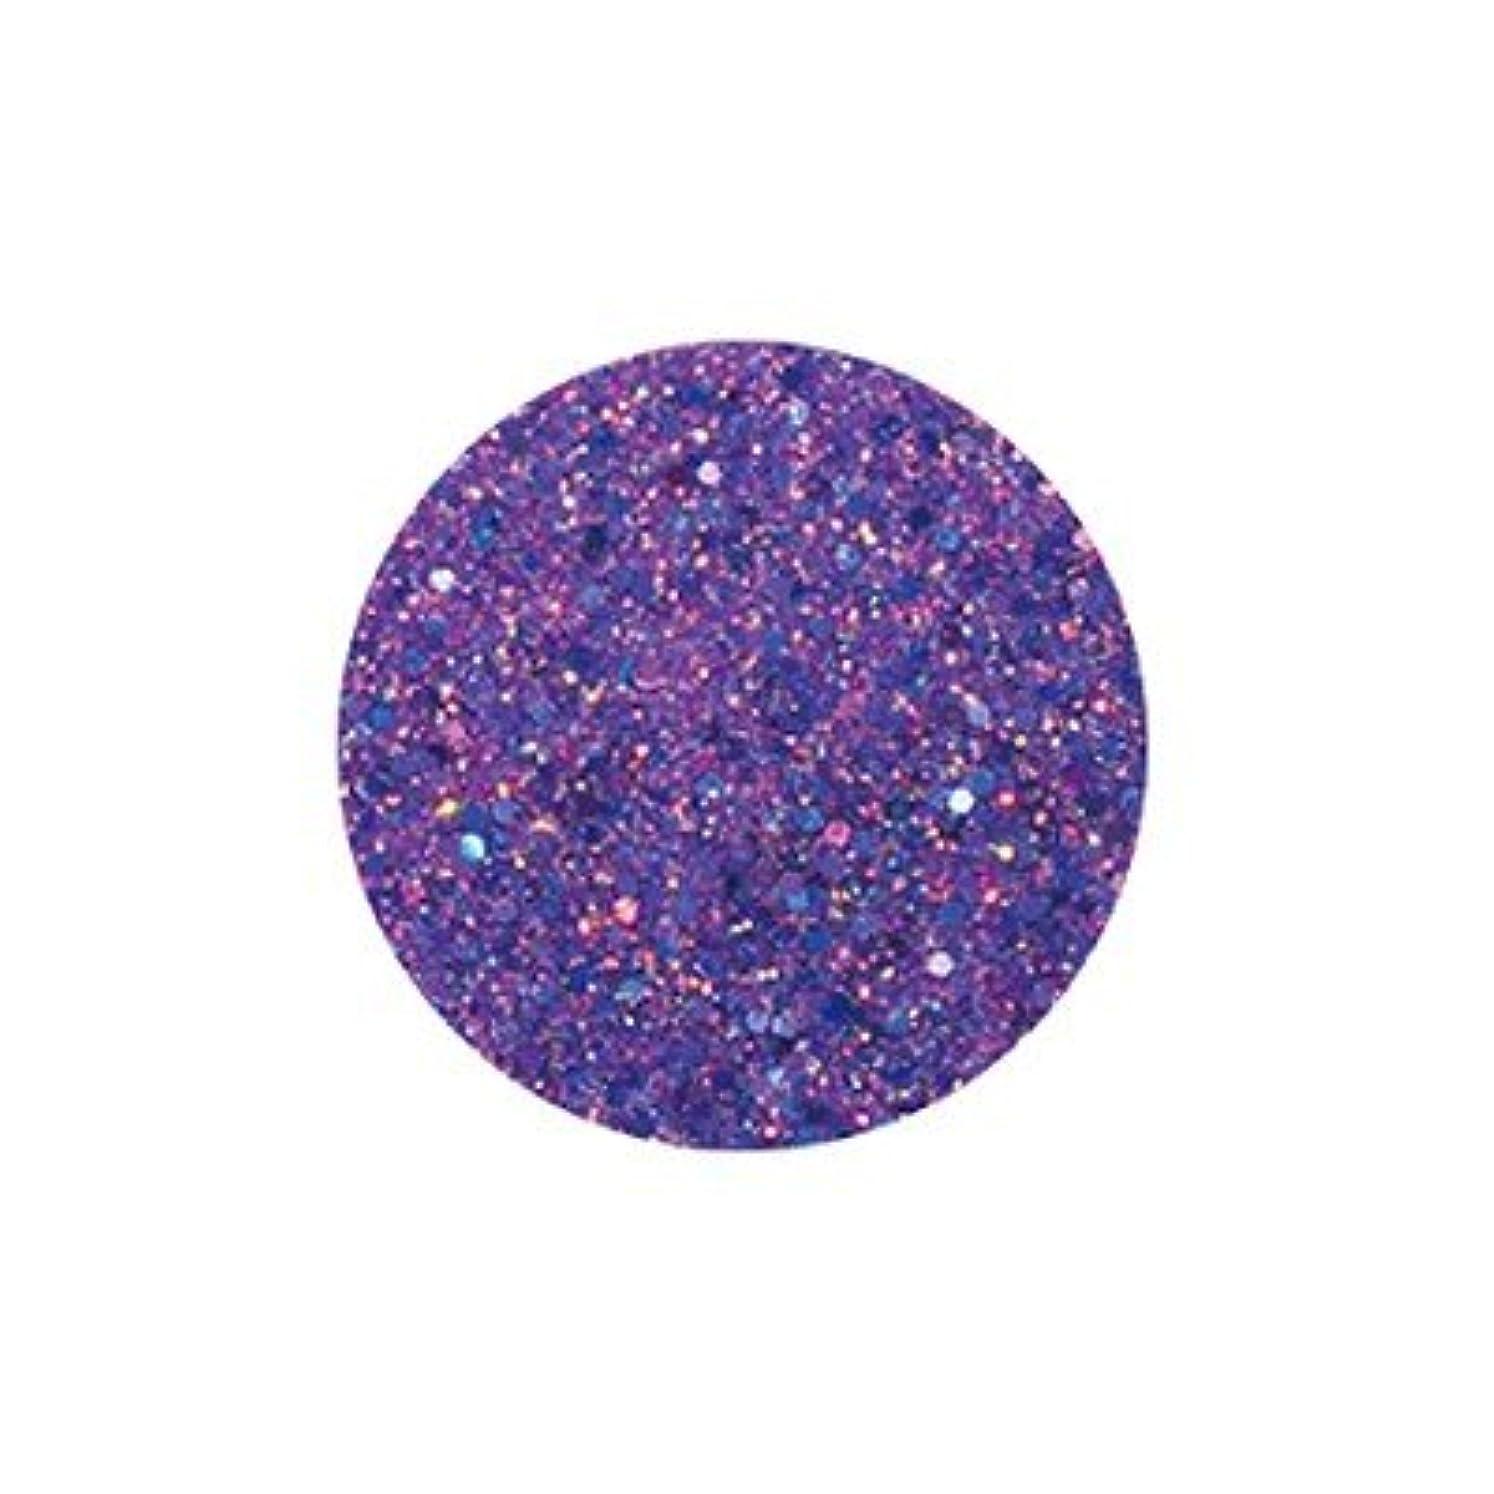 国際中前者FANTASY NAIL ダイヤモンドコレクション 3g 4261XS カラーパウダー アート材